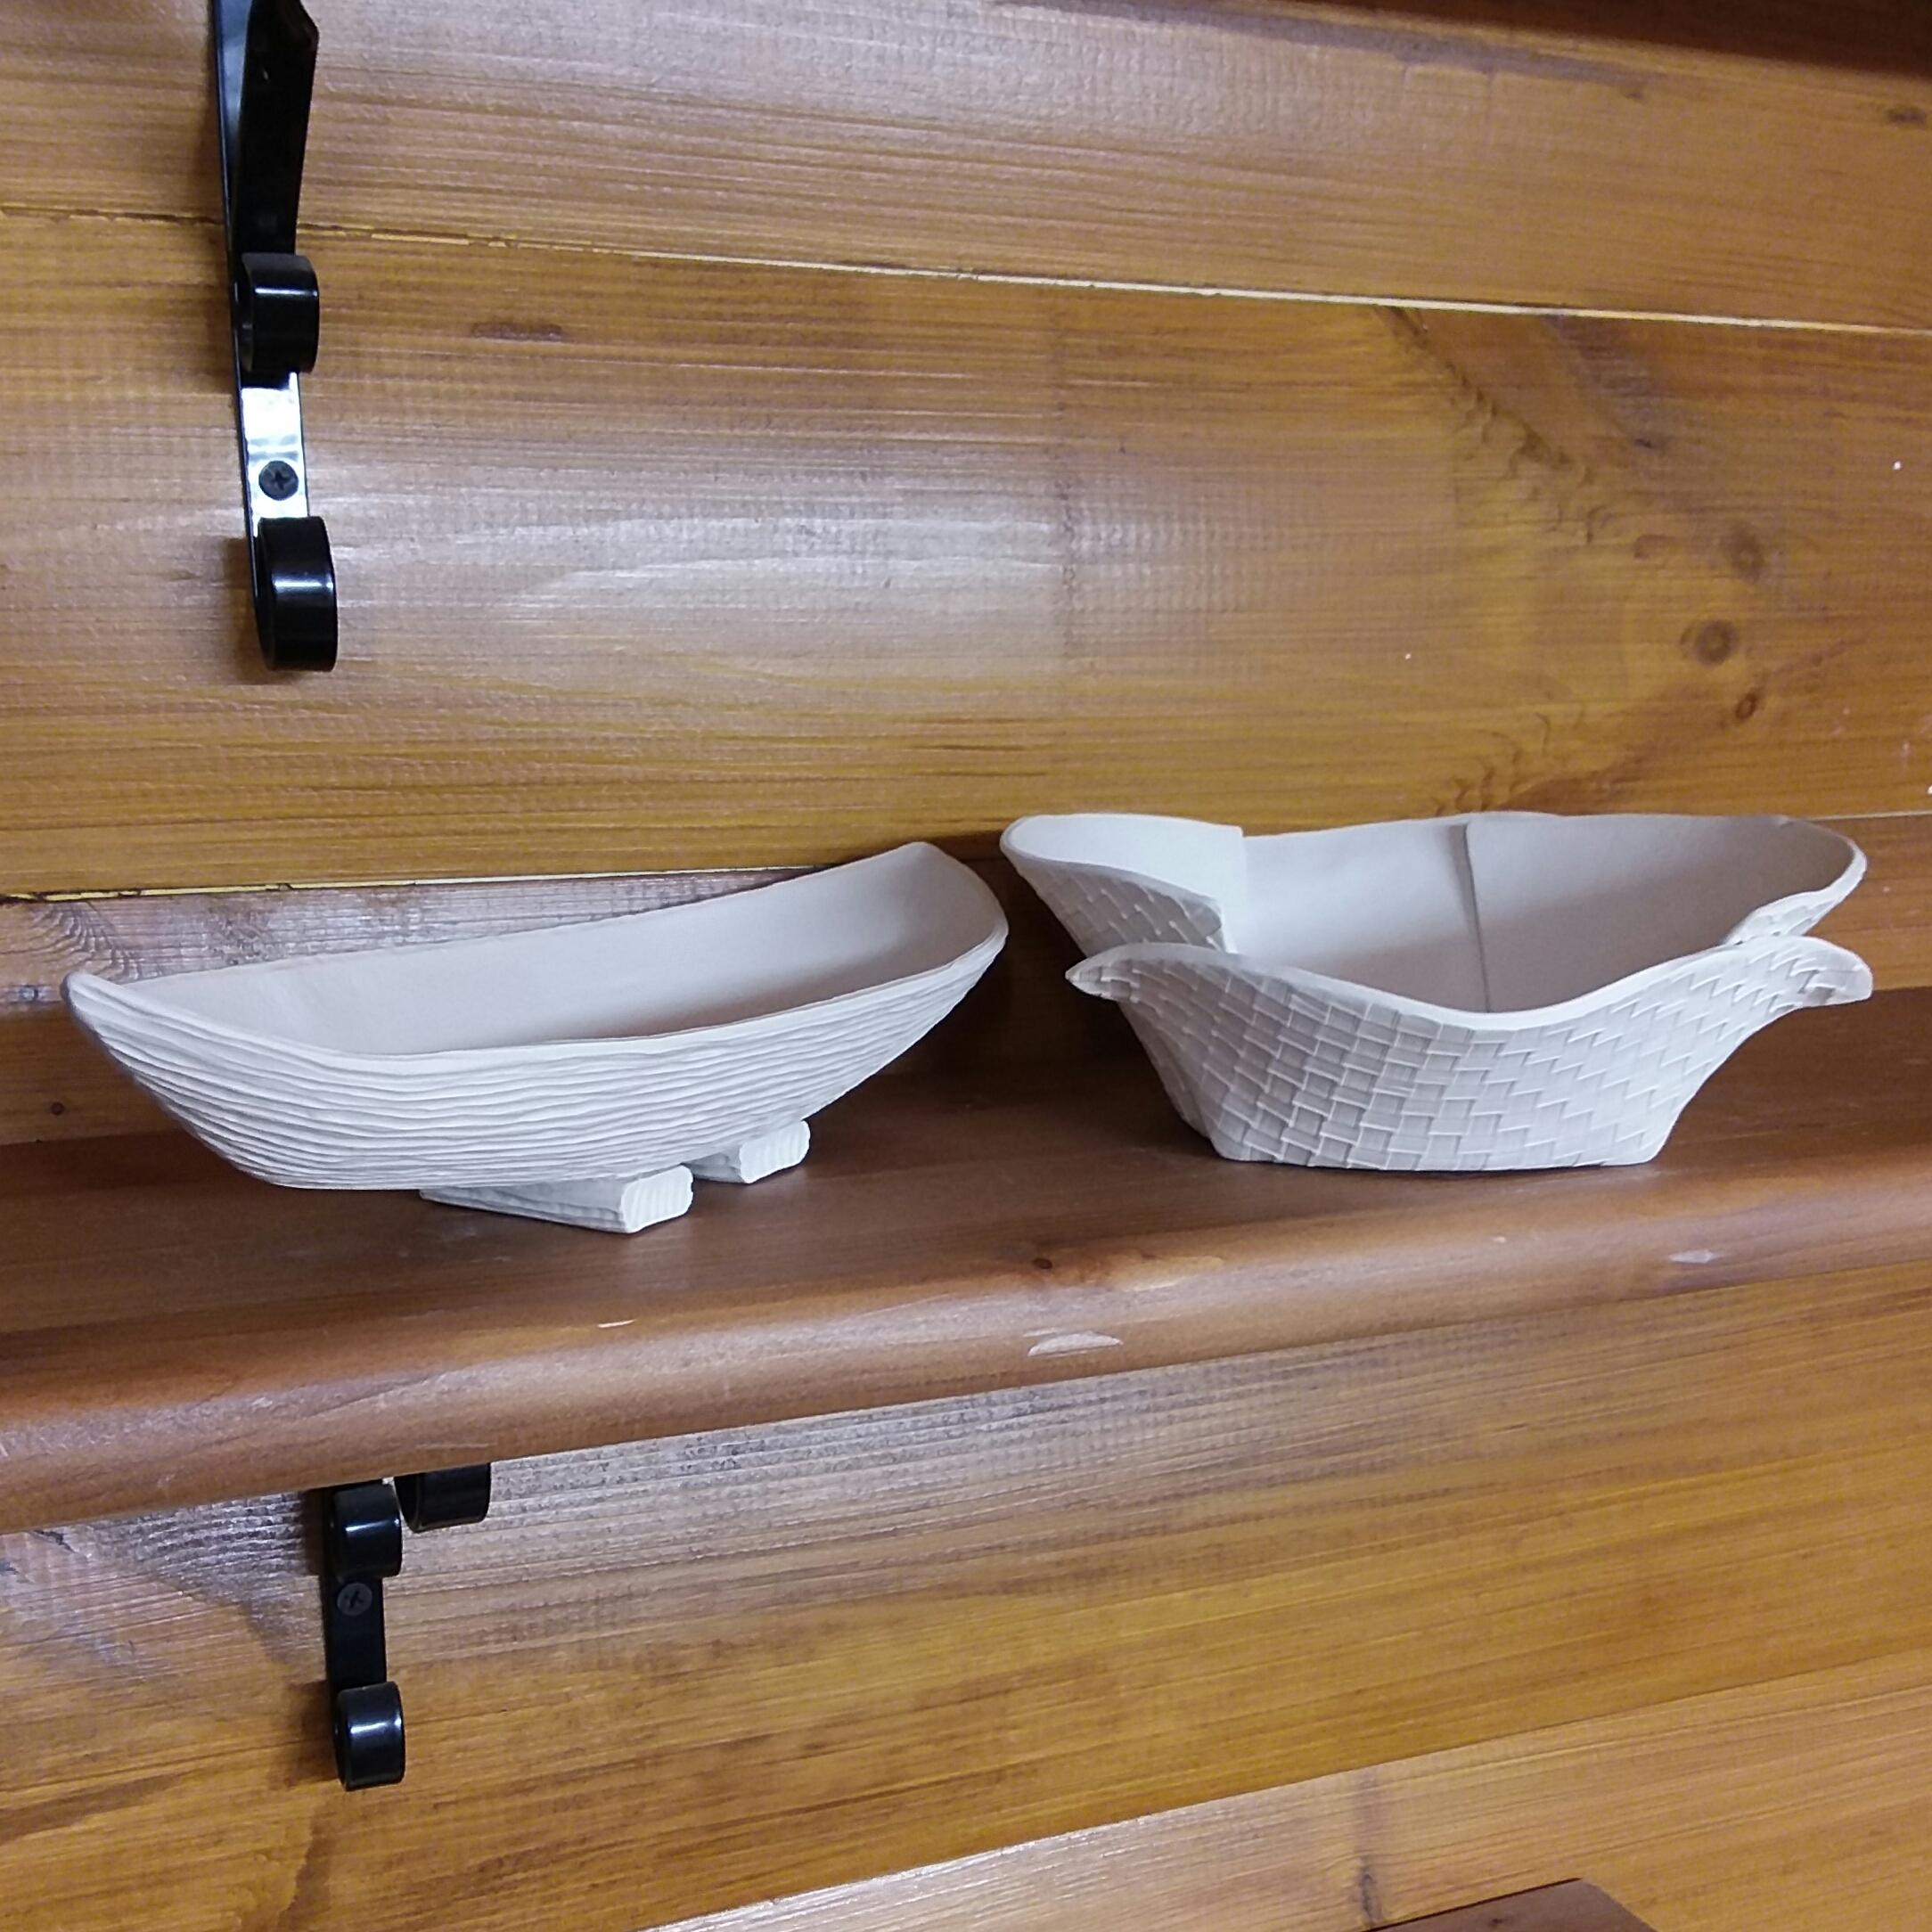 Ceramic vase, bowl